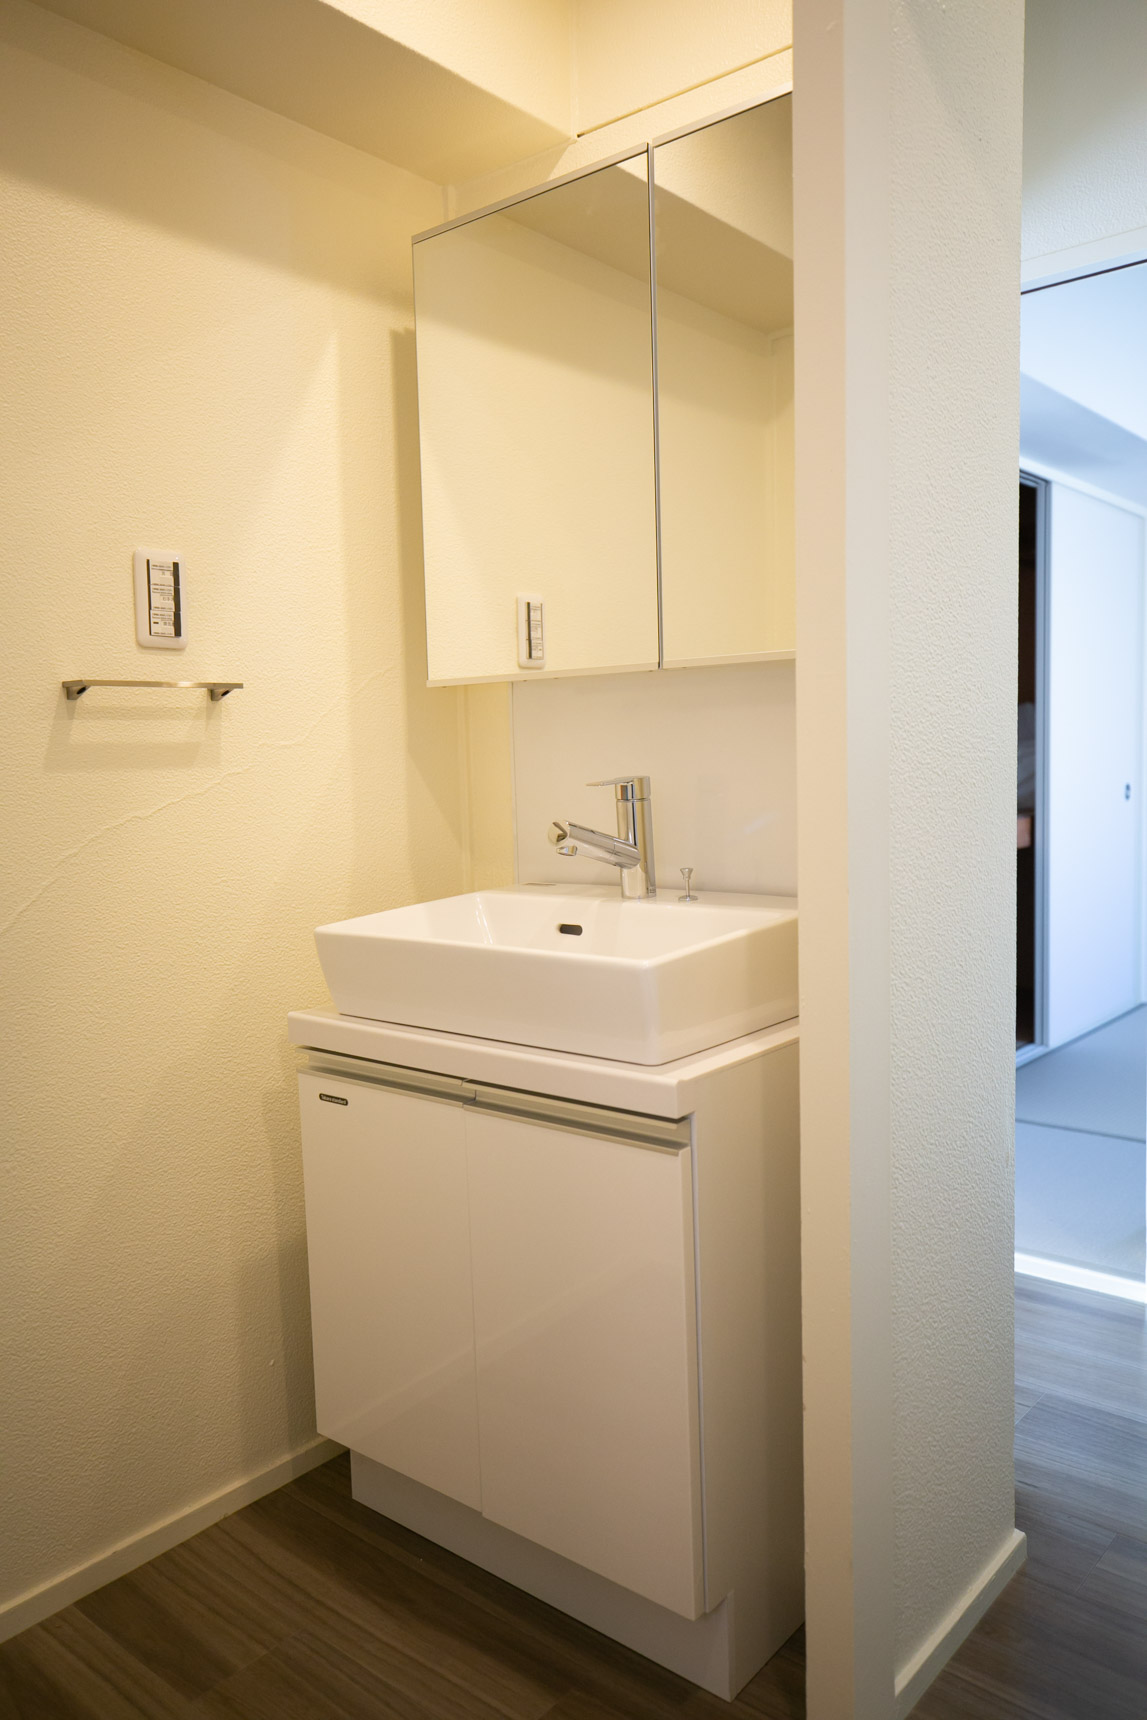 脱衣所には、デザインの良い洗面台もしっかり。トイレ入口の段差も解消してバリアフリーになっています。